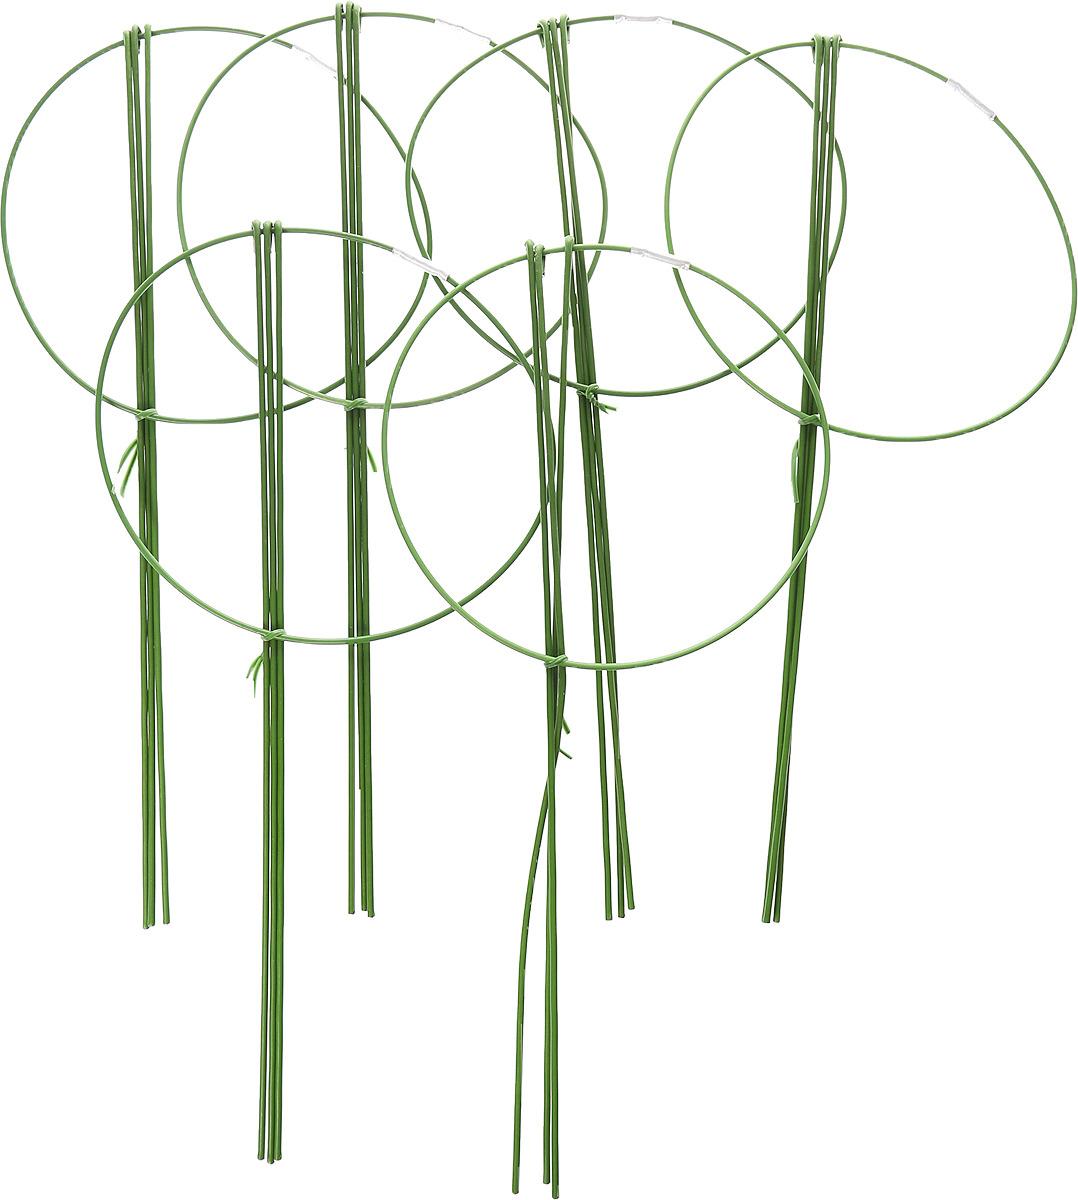 Опора для растений Palisad, диаметр 14 см, высота 30 см, 5 шт опора palisad 644215